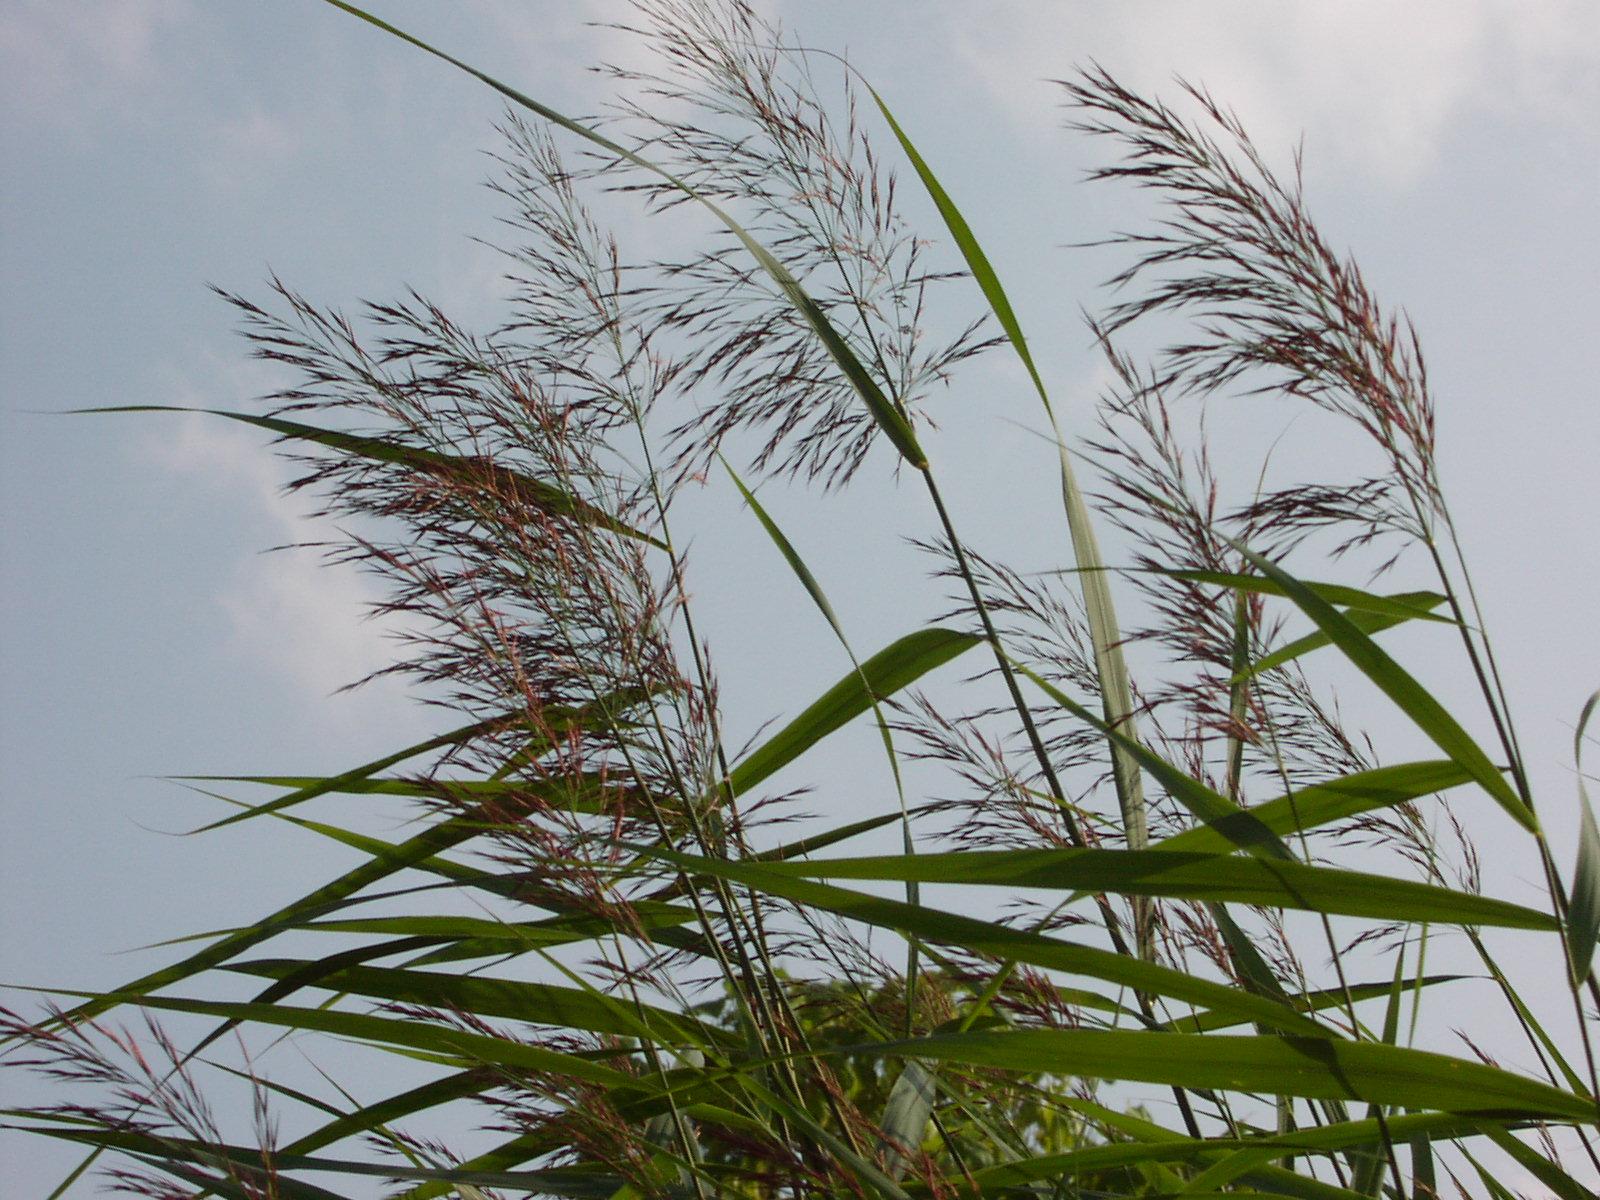 Тростник обыкновенный, фото и описание растения